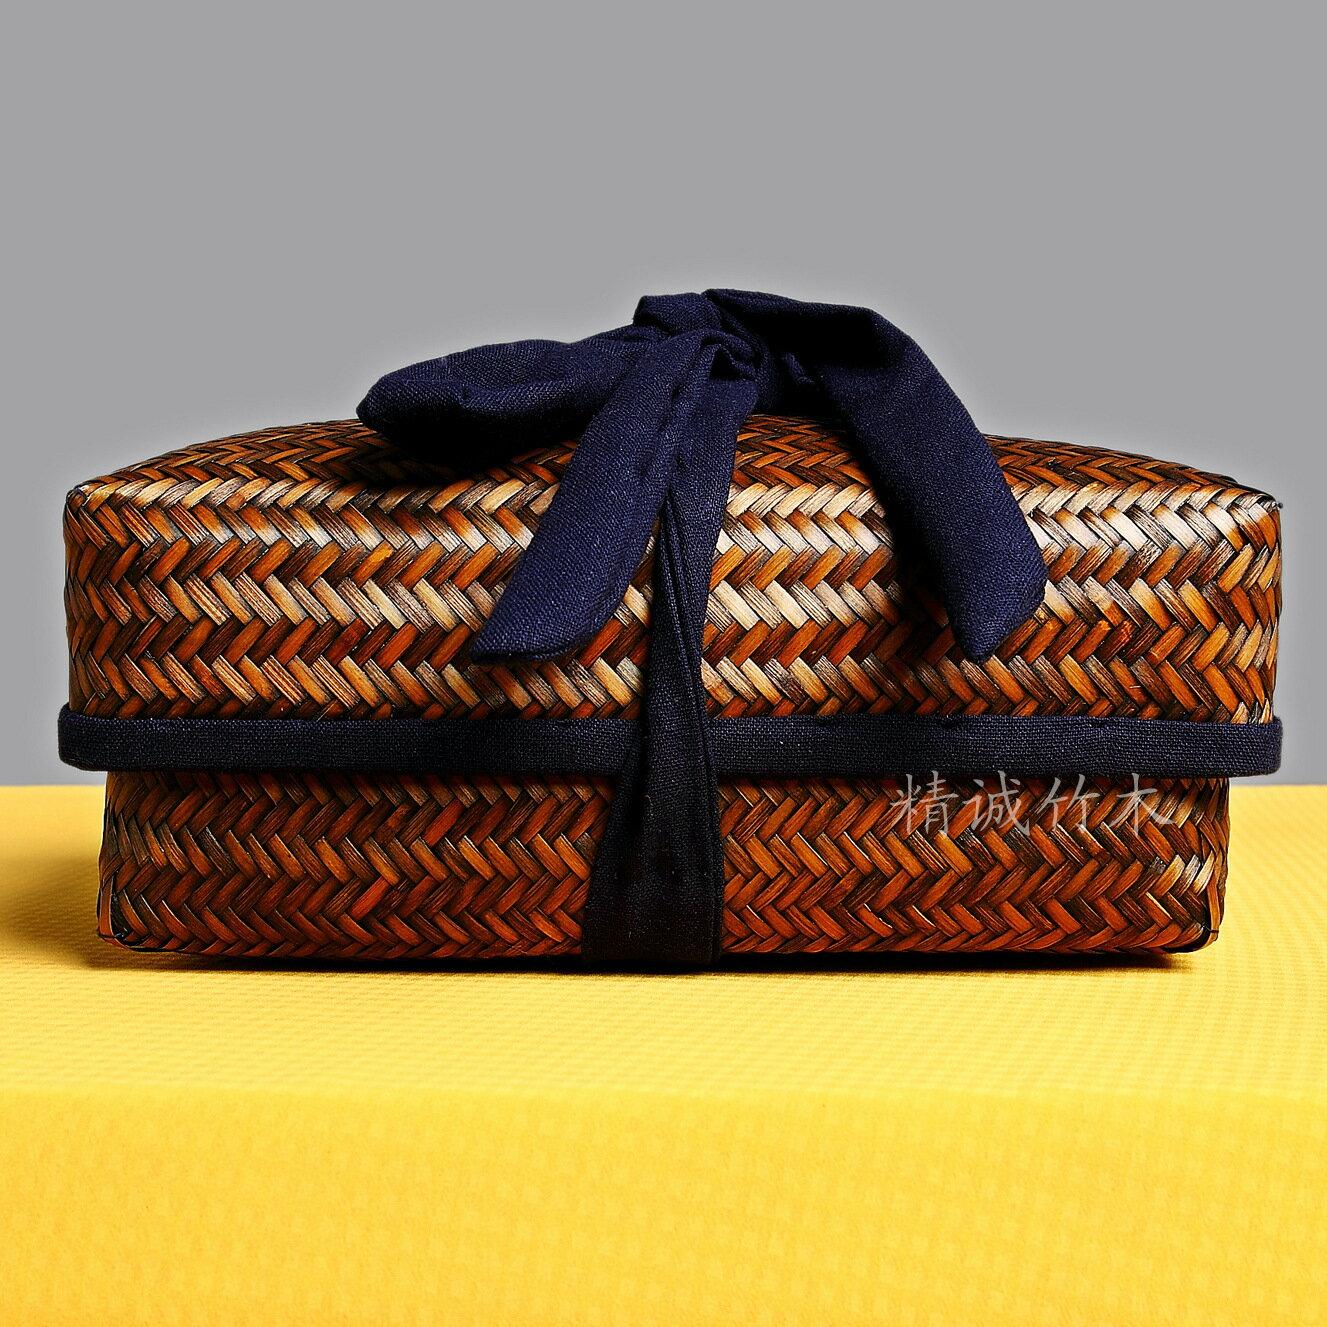 竹編茶具收納盒 禮品食品筐 戶外野餐籃